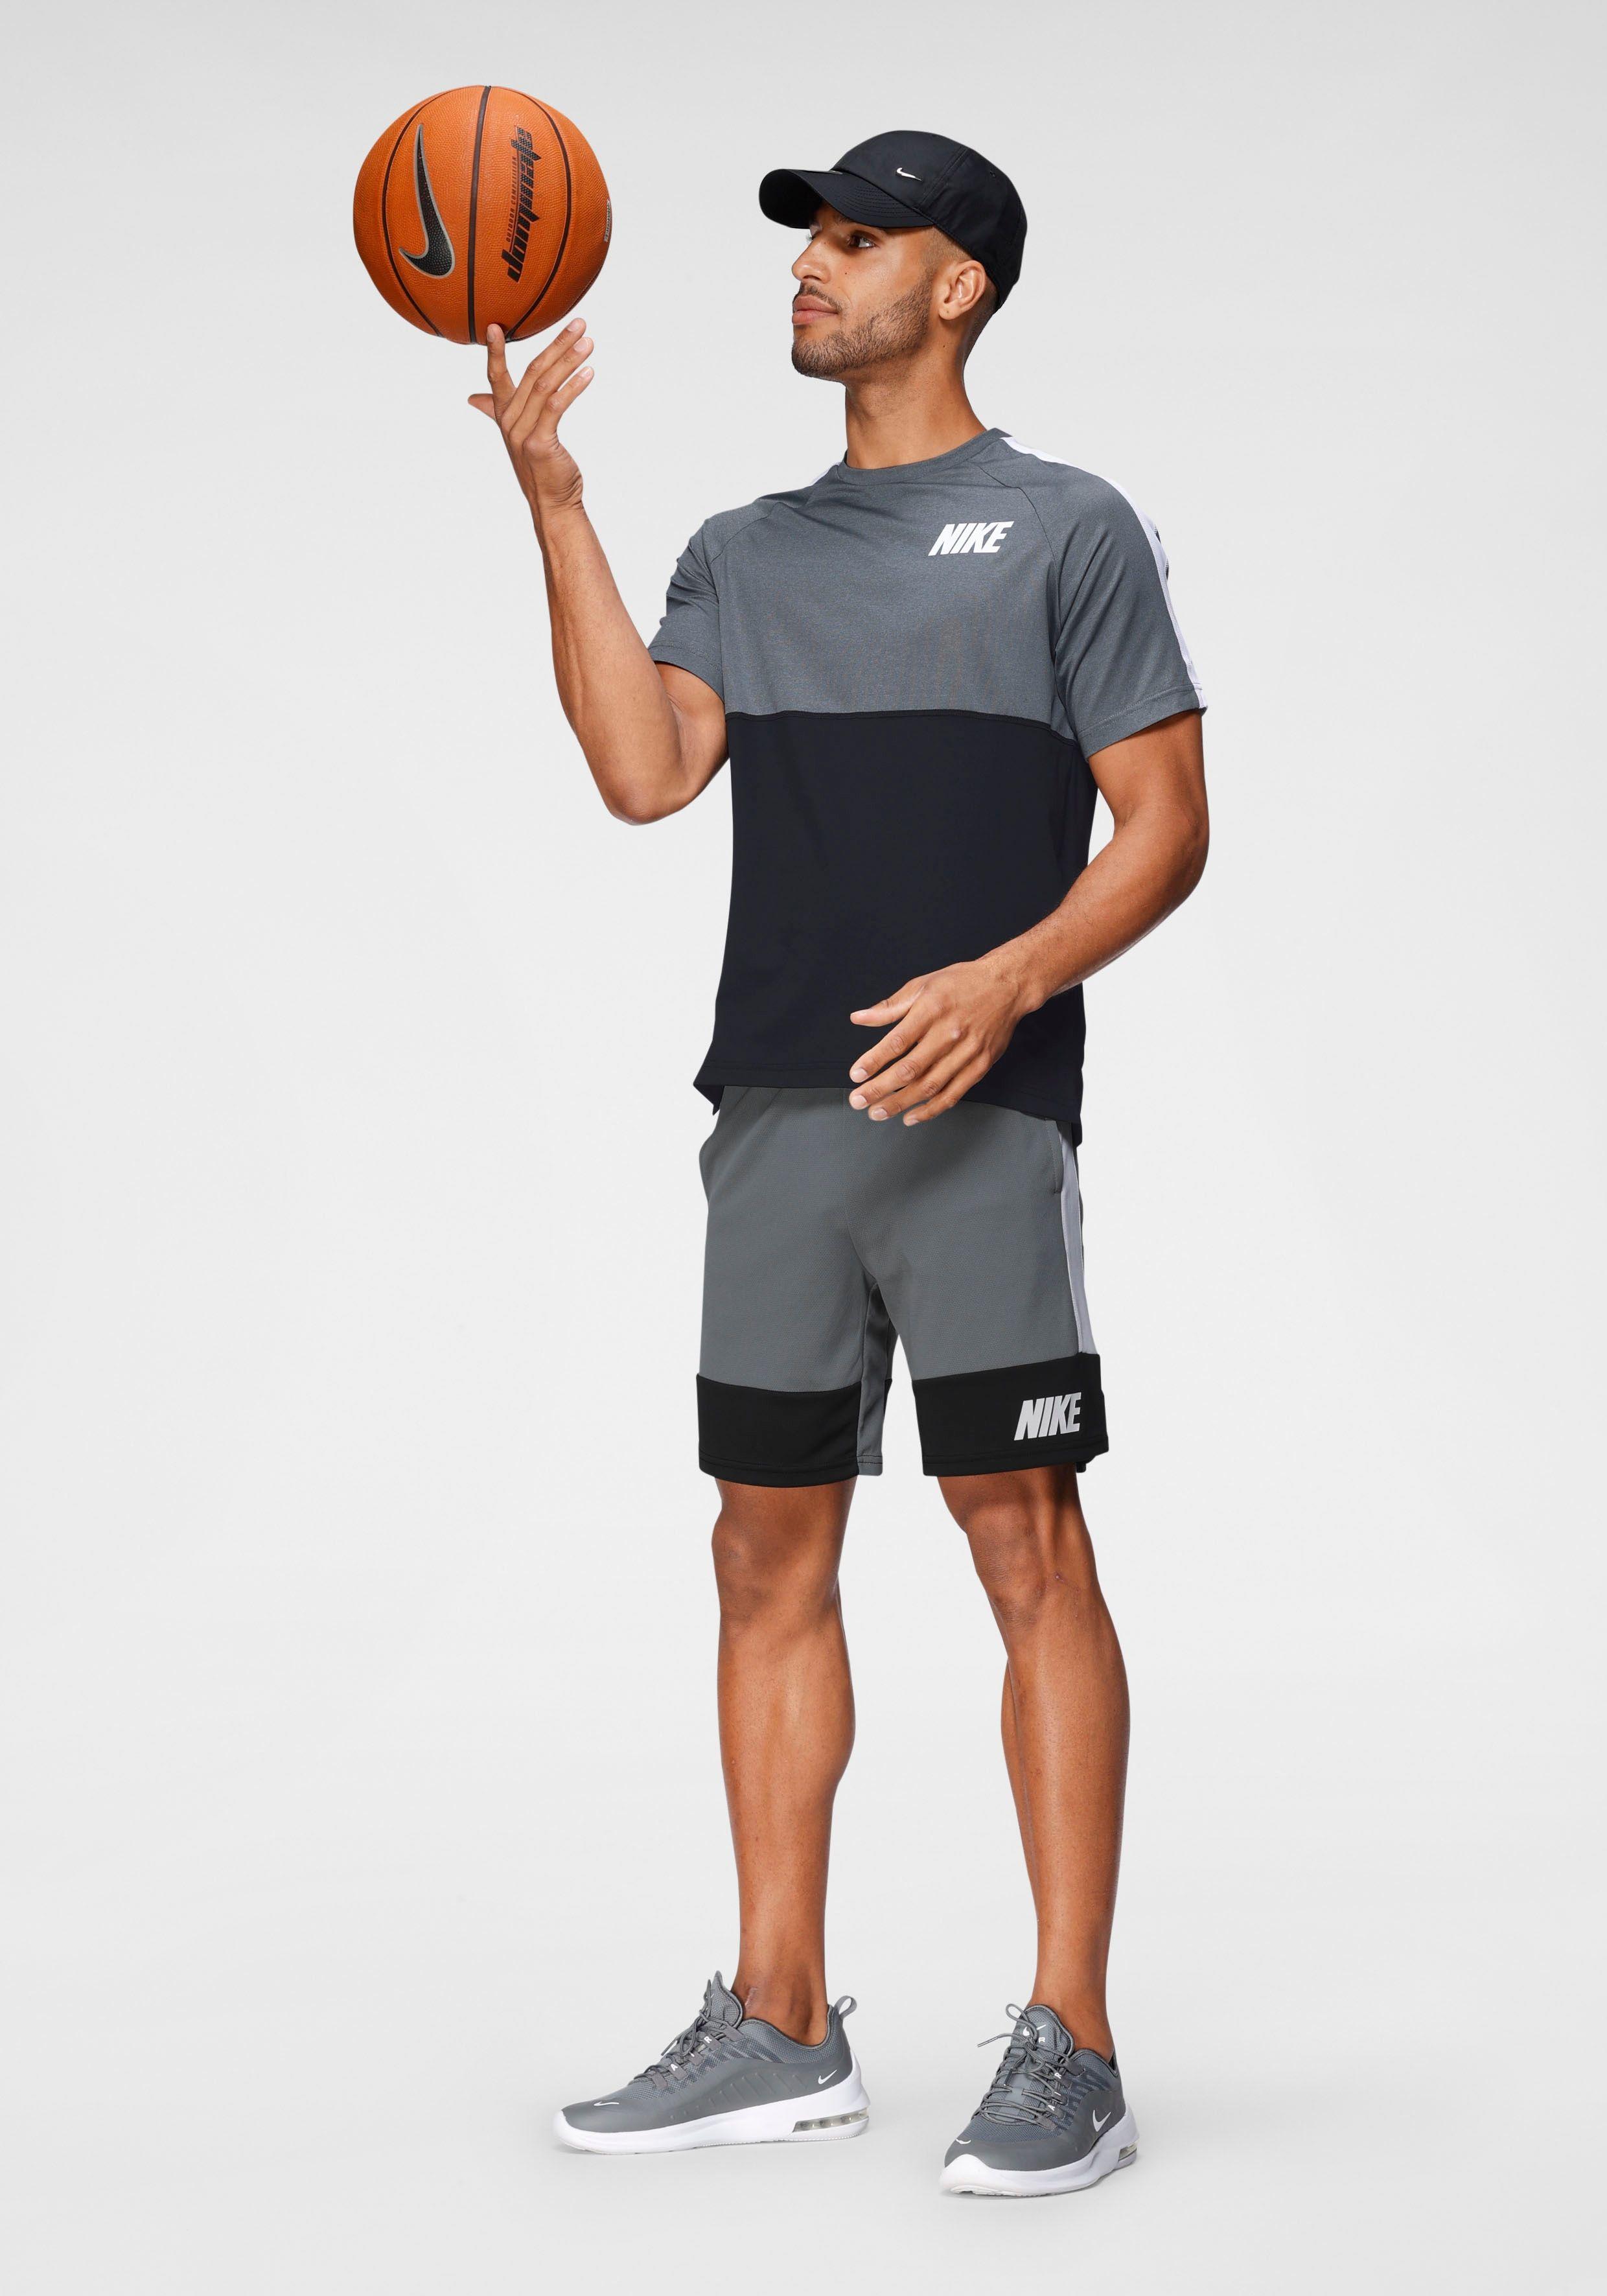 Sportliches Basecap von Nike Sportswear. Gewölbter Schirm mit zierenden Ton-in-Ton-Nähten. Geformte und strukturierte Krone mit Belüftungsösen. Logo in Metalloptik vorn. Größenverstellbar durch Verschluss auf der Rückseite. Pflegeleichte Qualität.